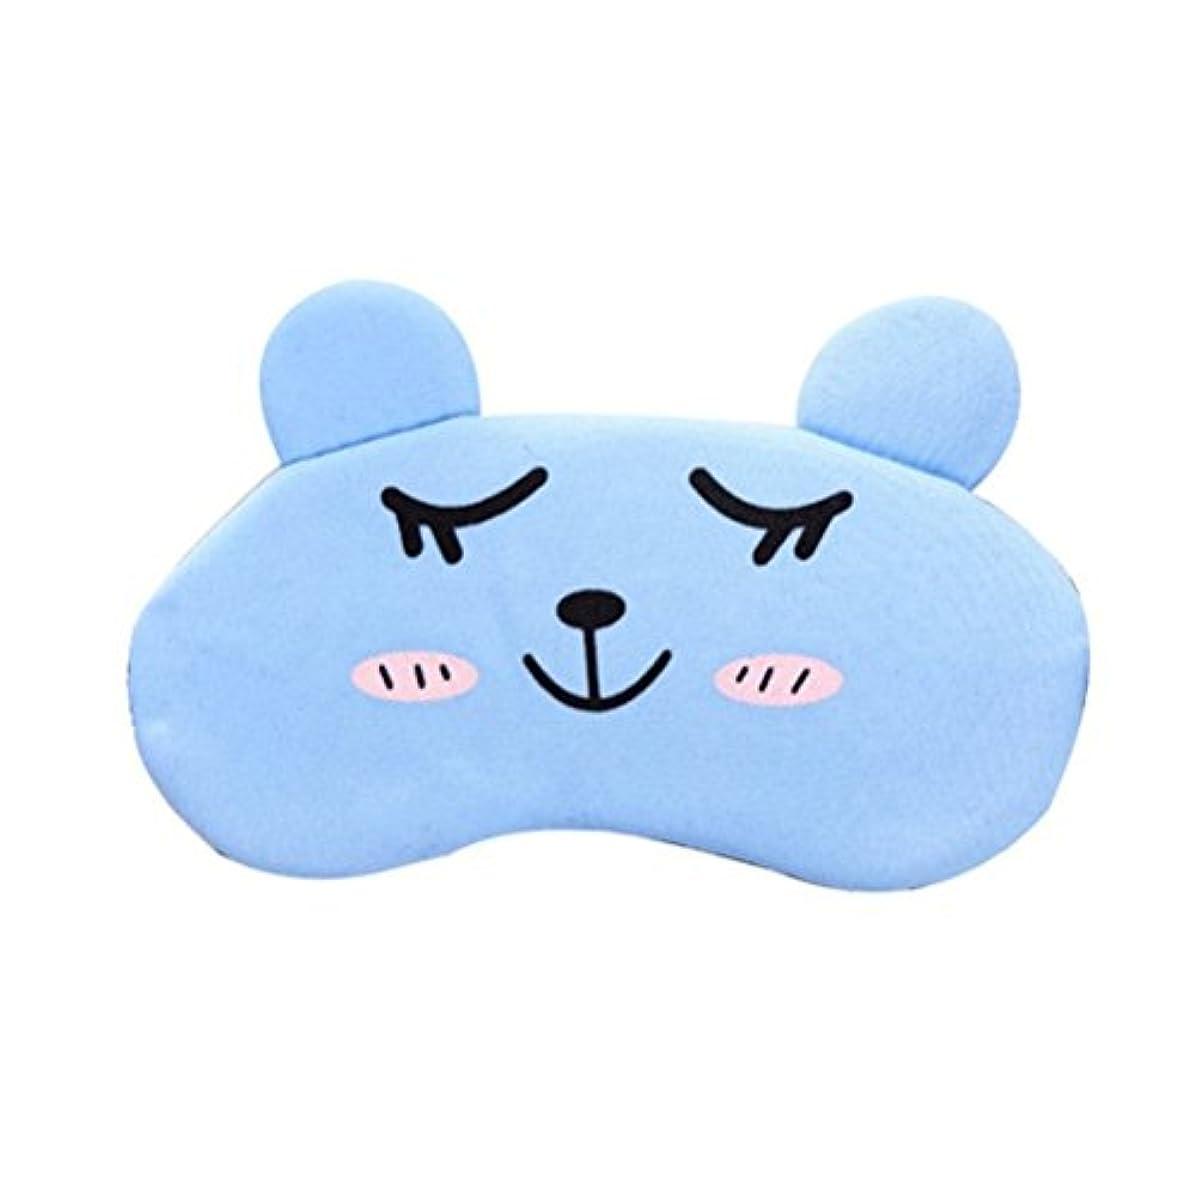 バッフル侮辱リンケージROSENICE スリープマスク 睡眠昼寝の瞑想のための冷却アイシェード目隠し(青)